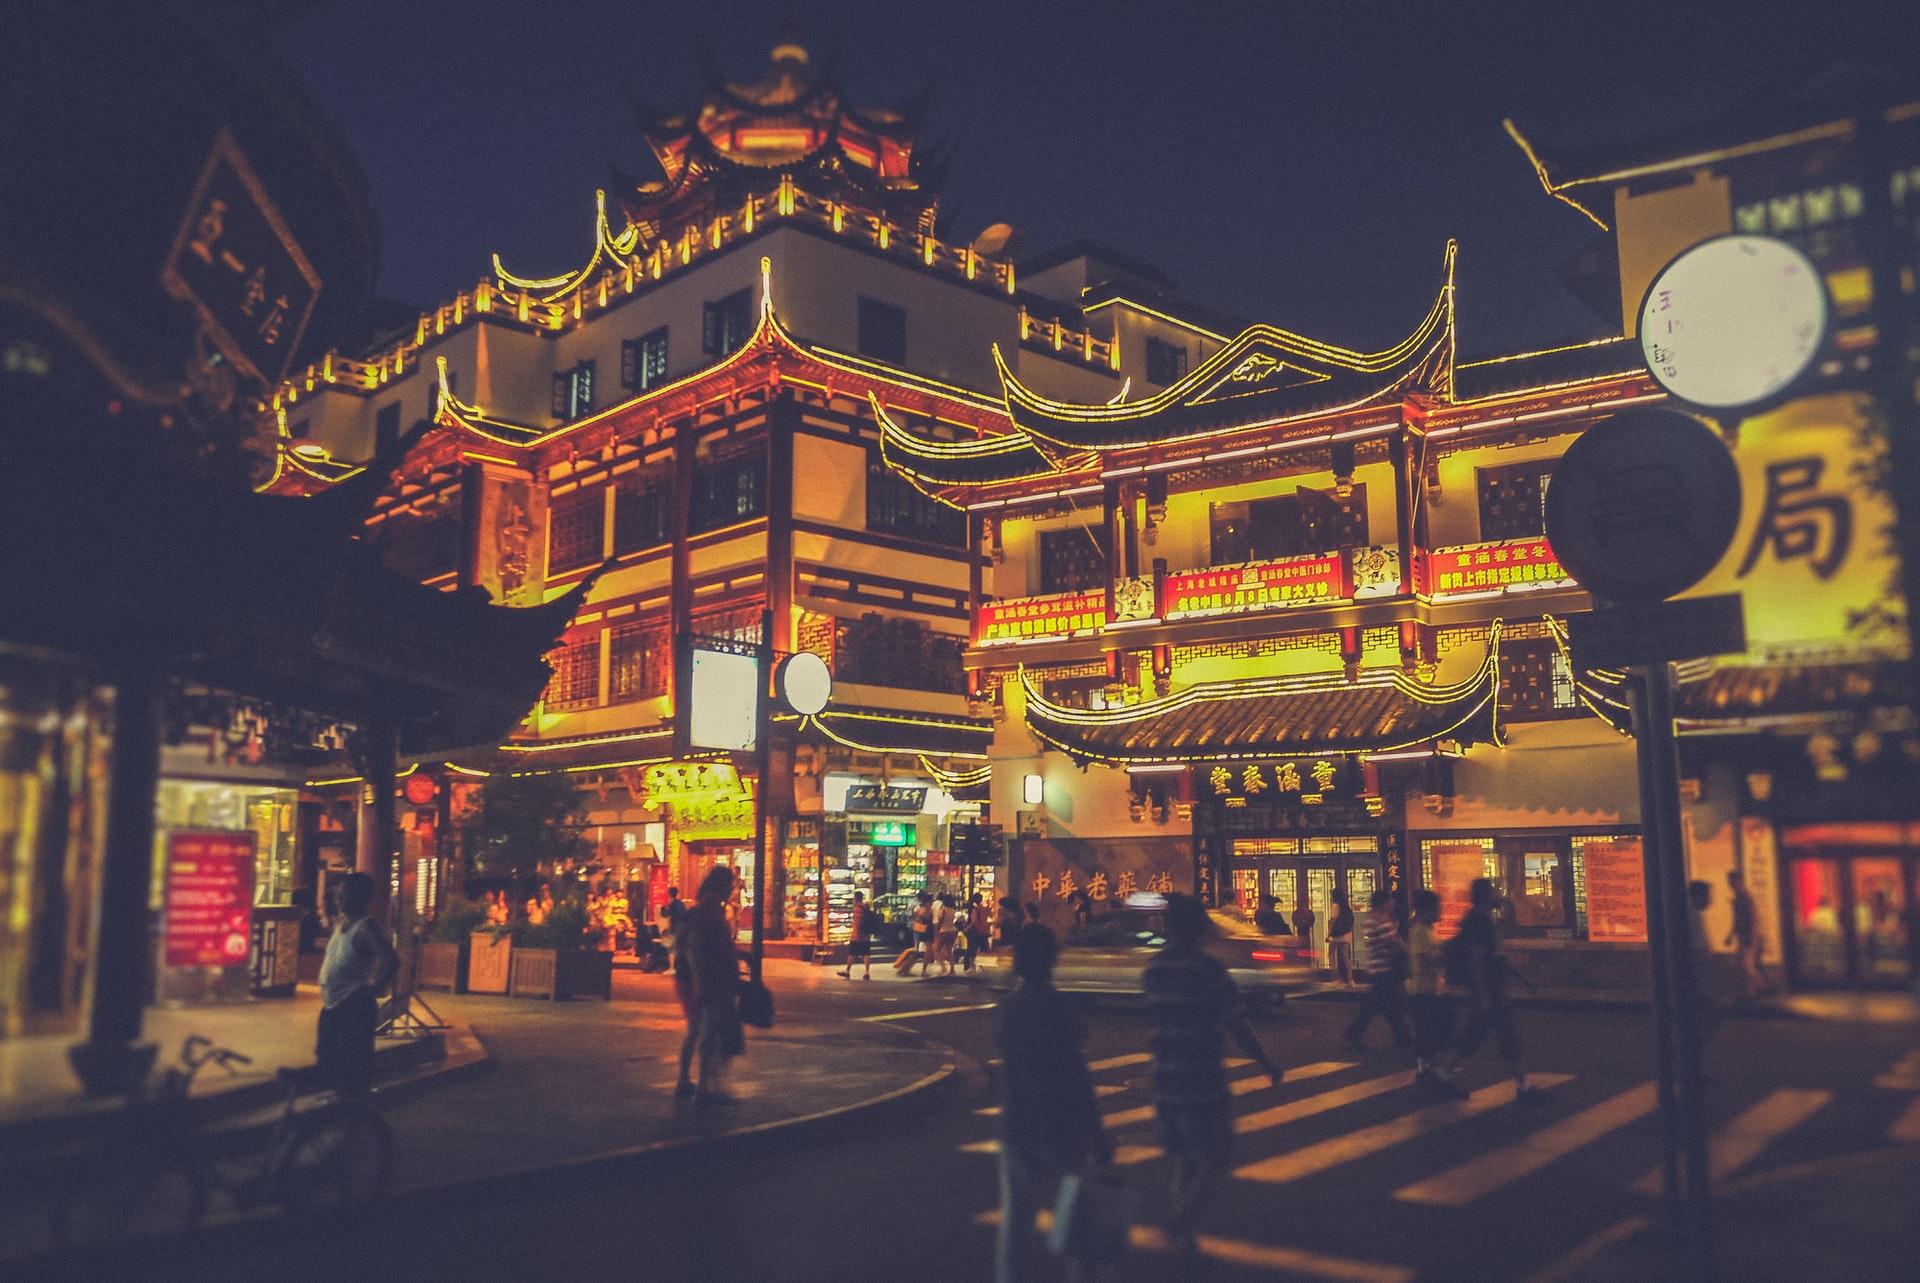 работа учителем английского в Китае